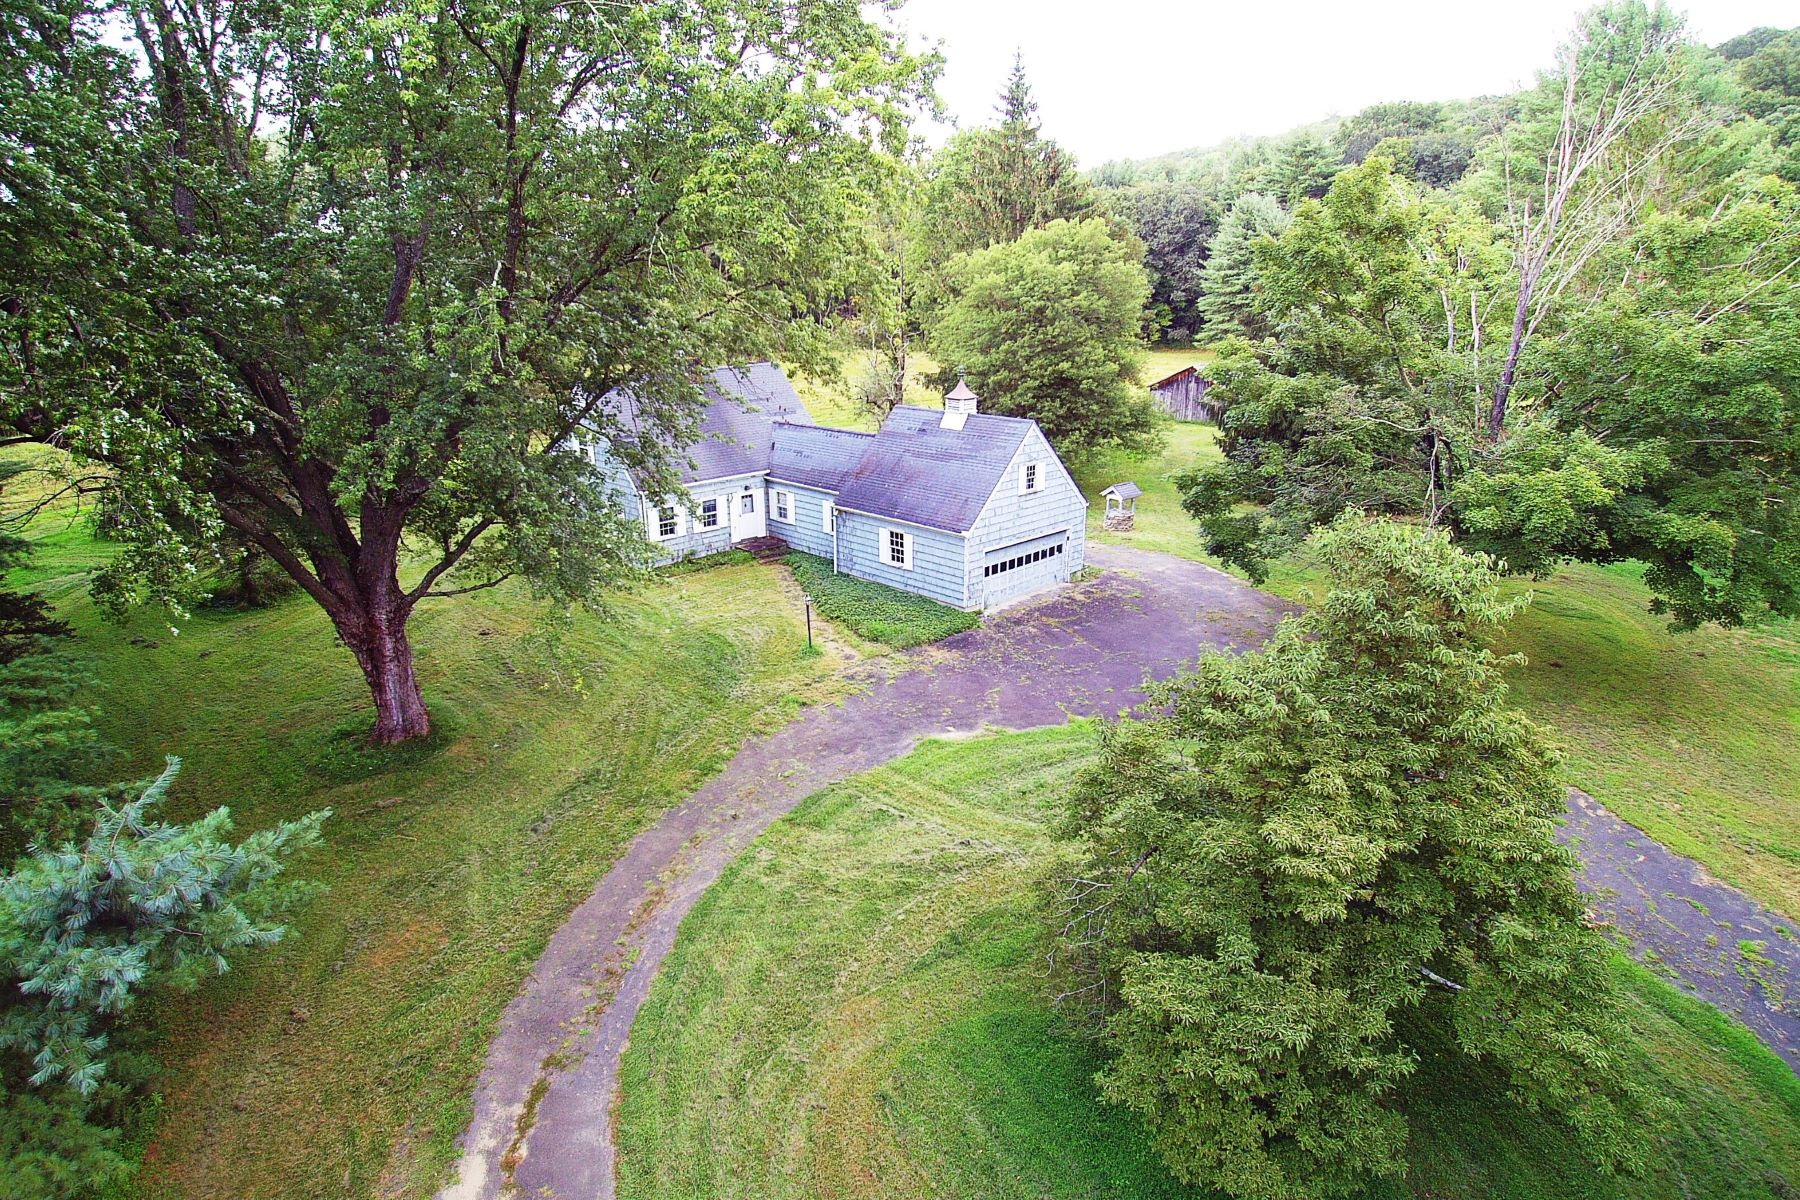 Maison unifamiliale pour l Vente à Vintage 1957 Cape/Farmhouse 614 Redding Road Redding, Connecticut 06896 États-Unis